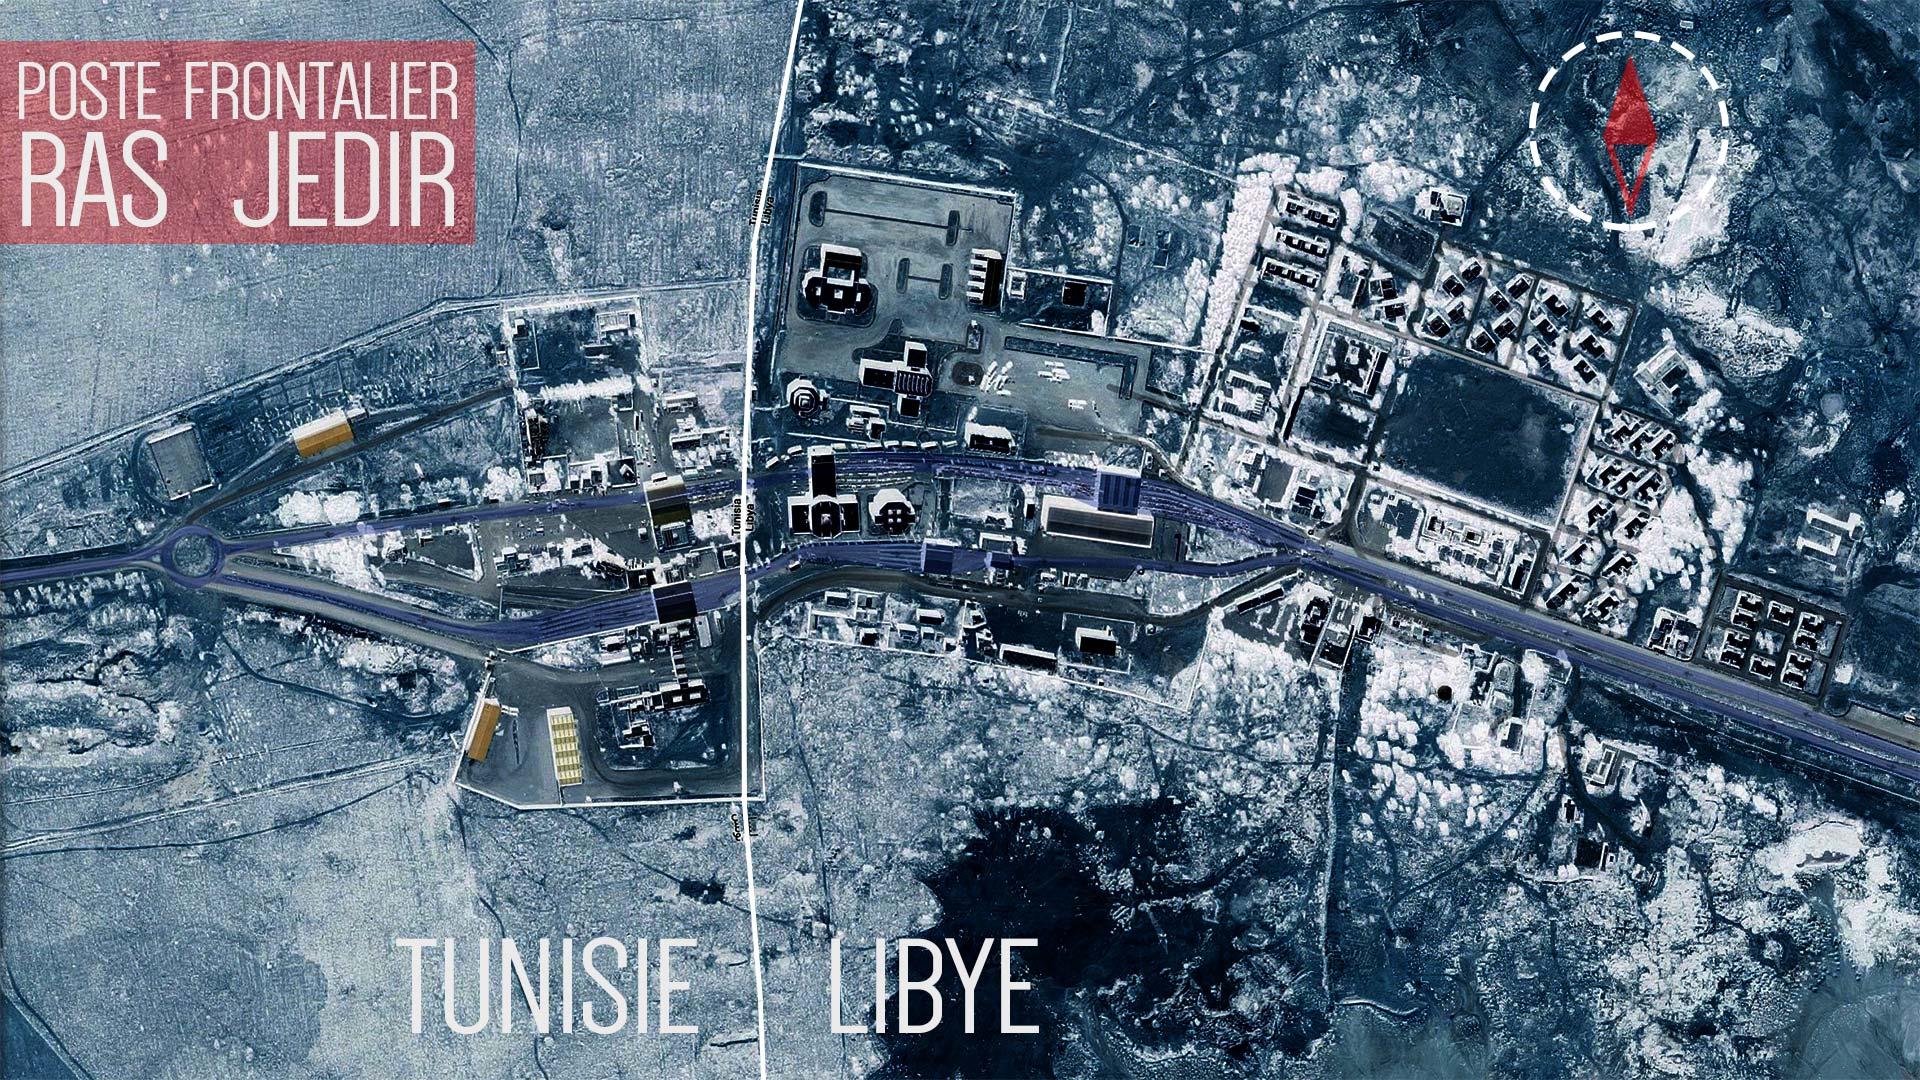 frontiere-libye-tunisie-ras-jedir-inkyfada